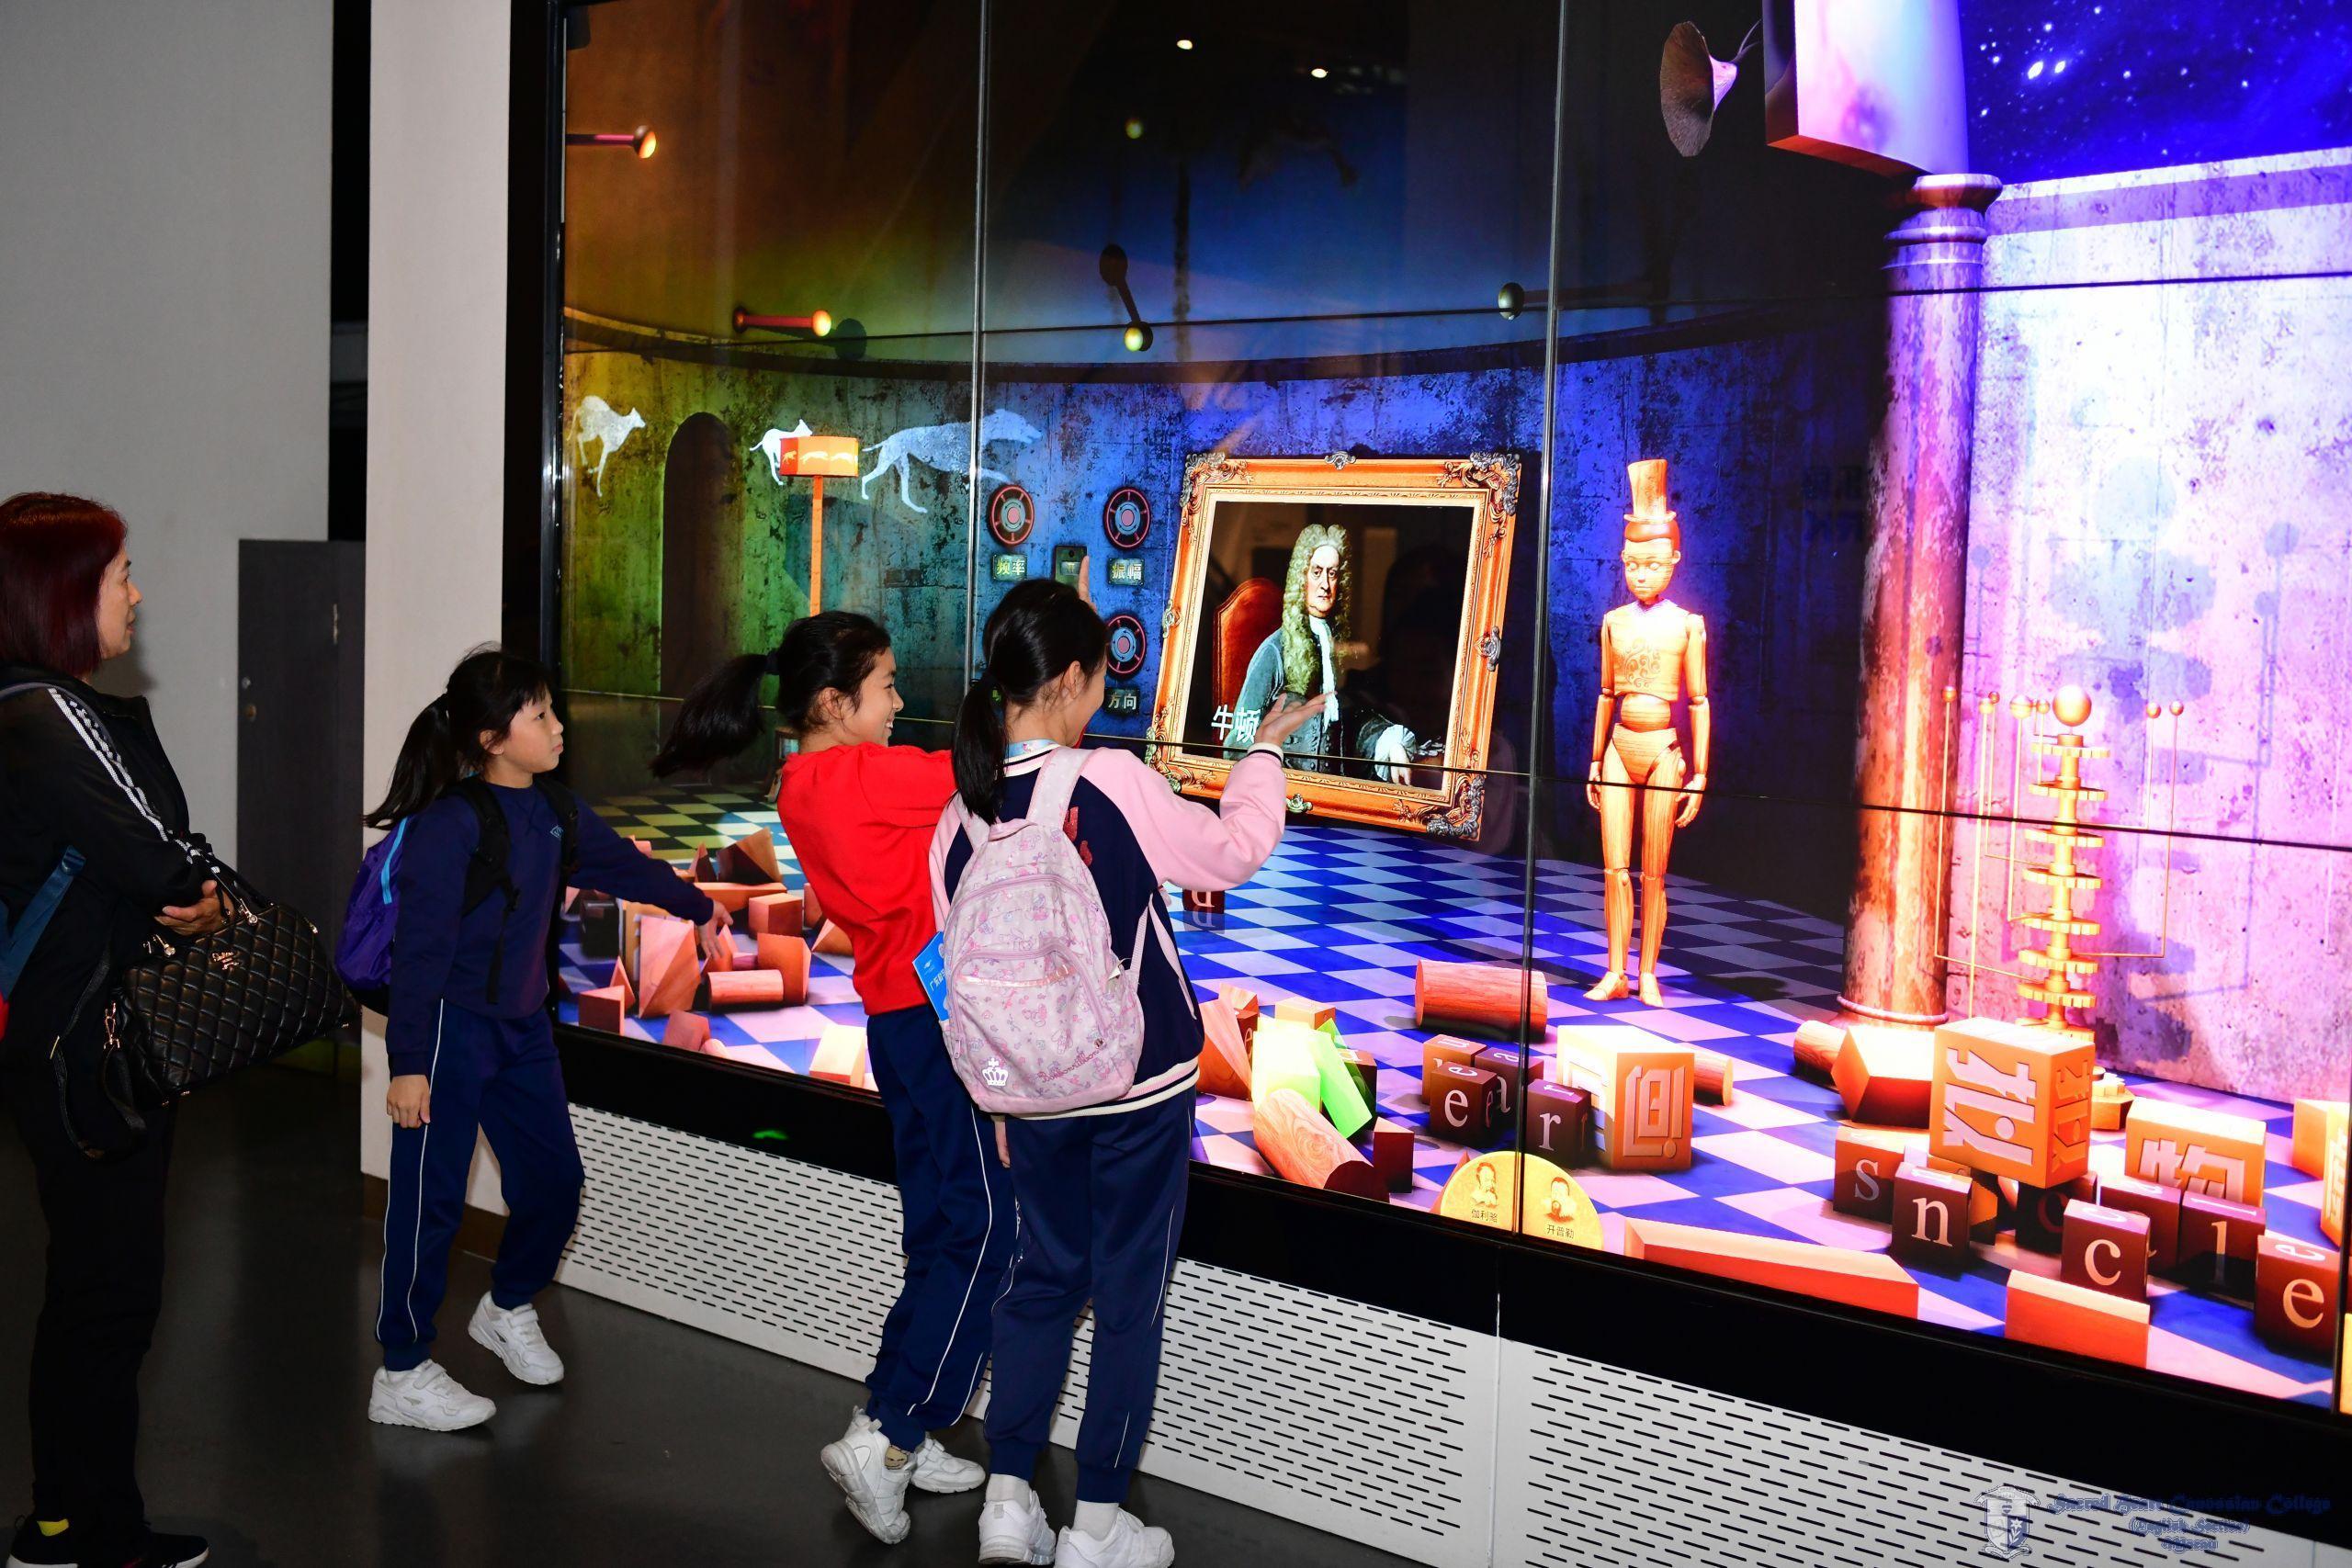 參加者於廣東科學中心展館內體驗各種遊戲設施和科學實驗